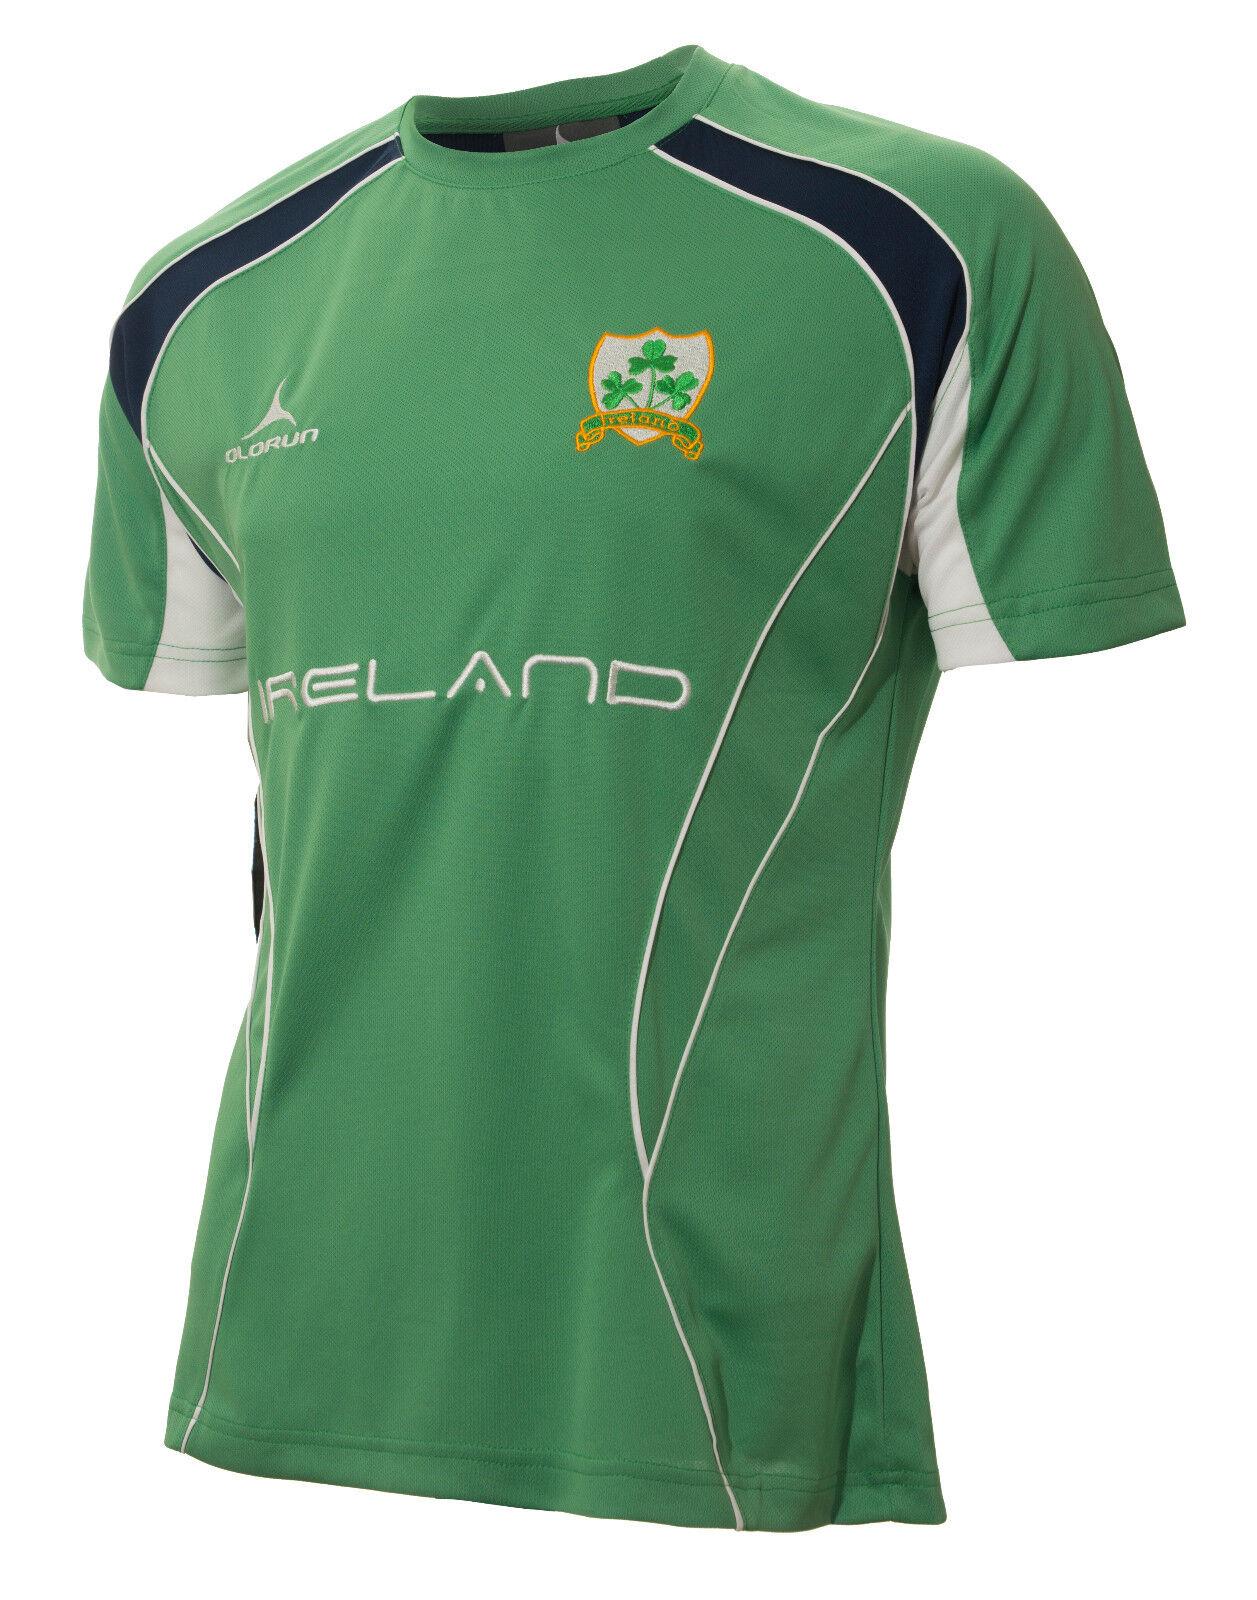 Olorun Irland Rugby Anhänger Kultig T-Shirt S - XXXXL     | Sehr gute Farbe  | Online einkaufen  | Großartig